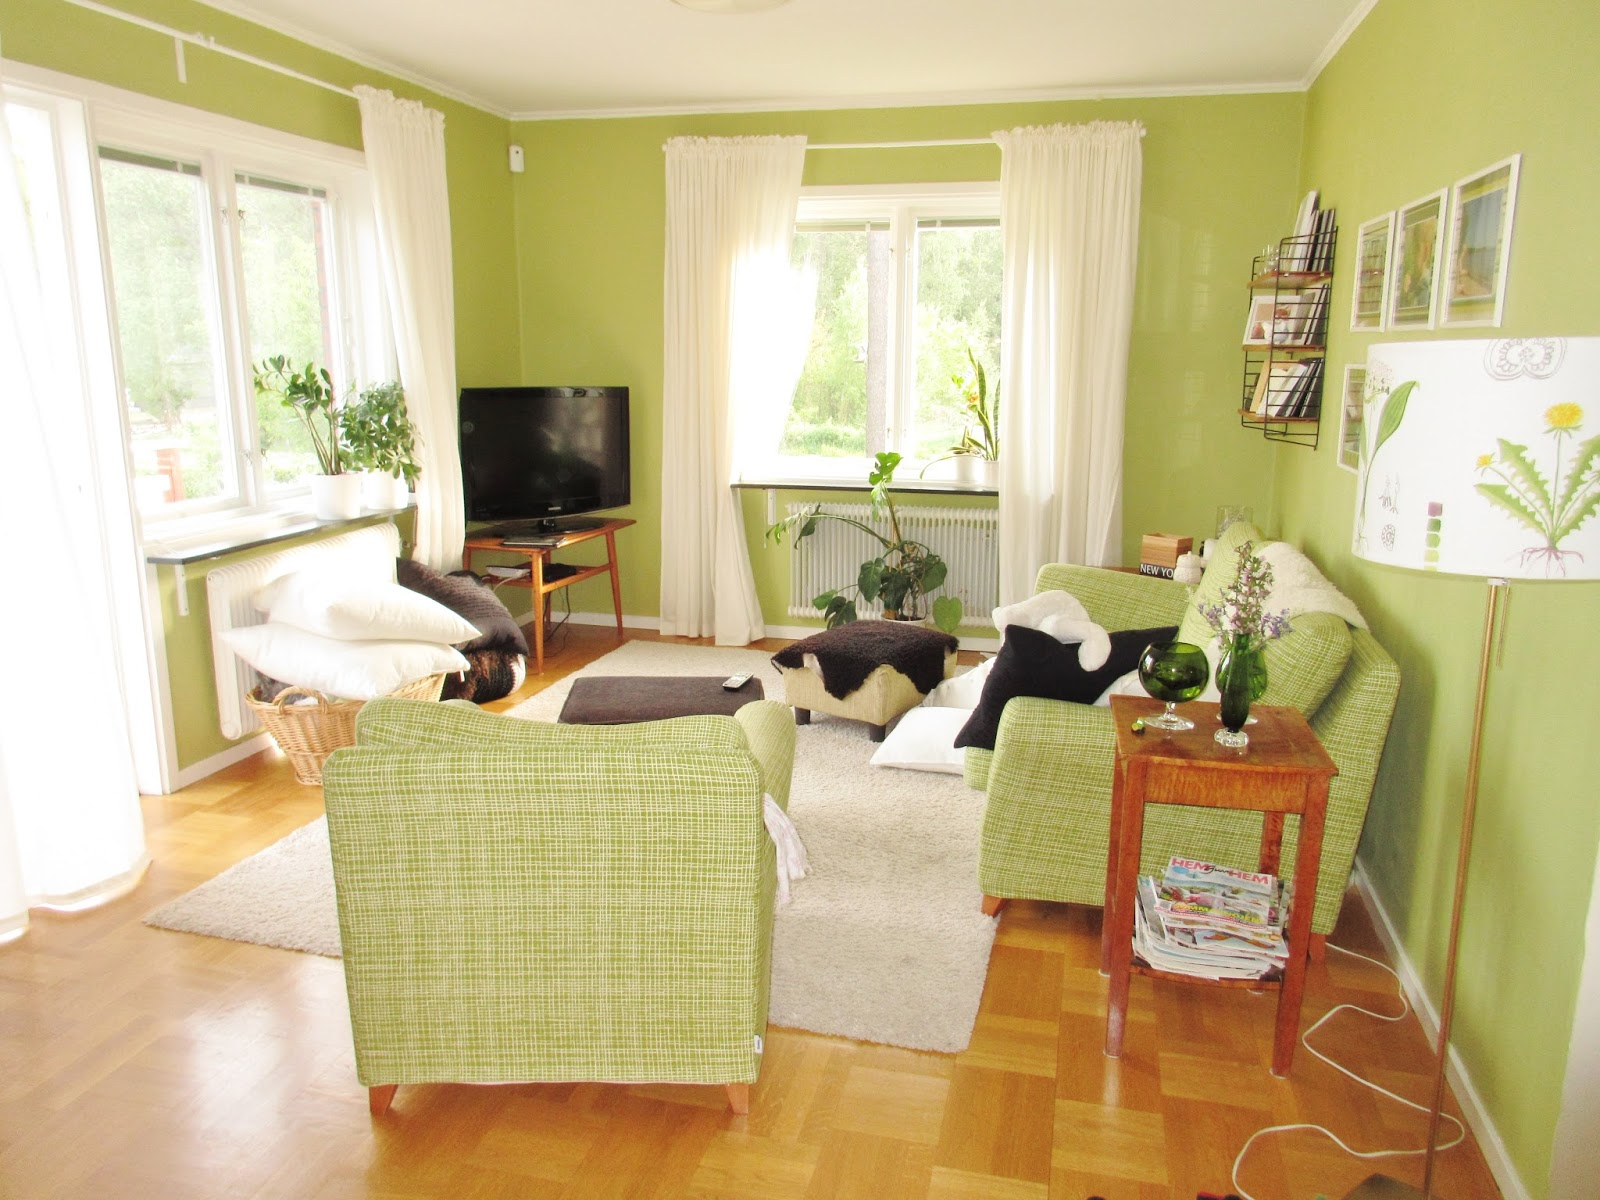 Pias Planer: Vardagsrum - Jag vill ha en fåtölj